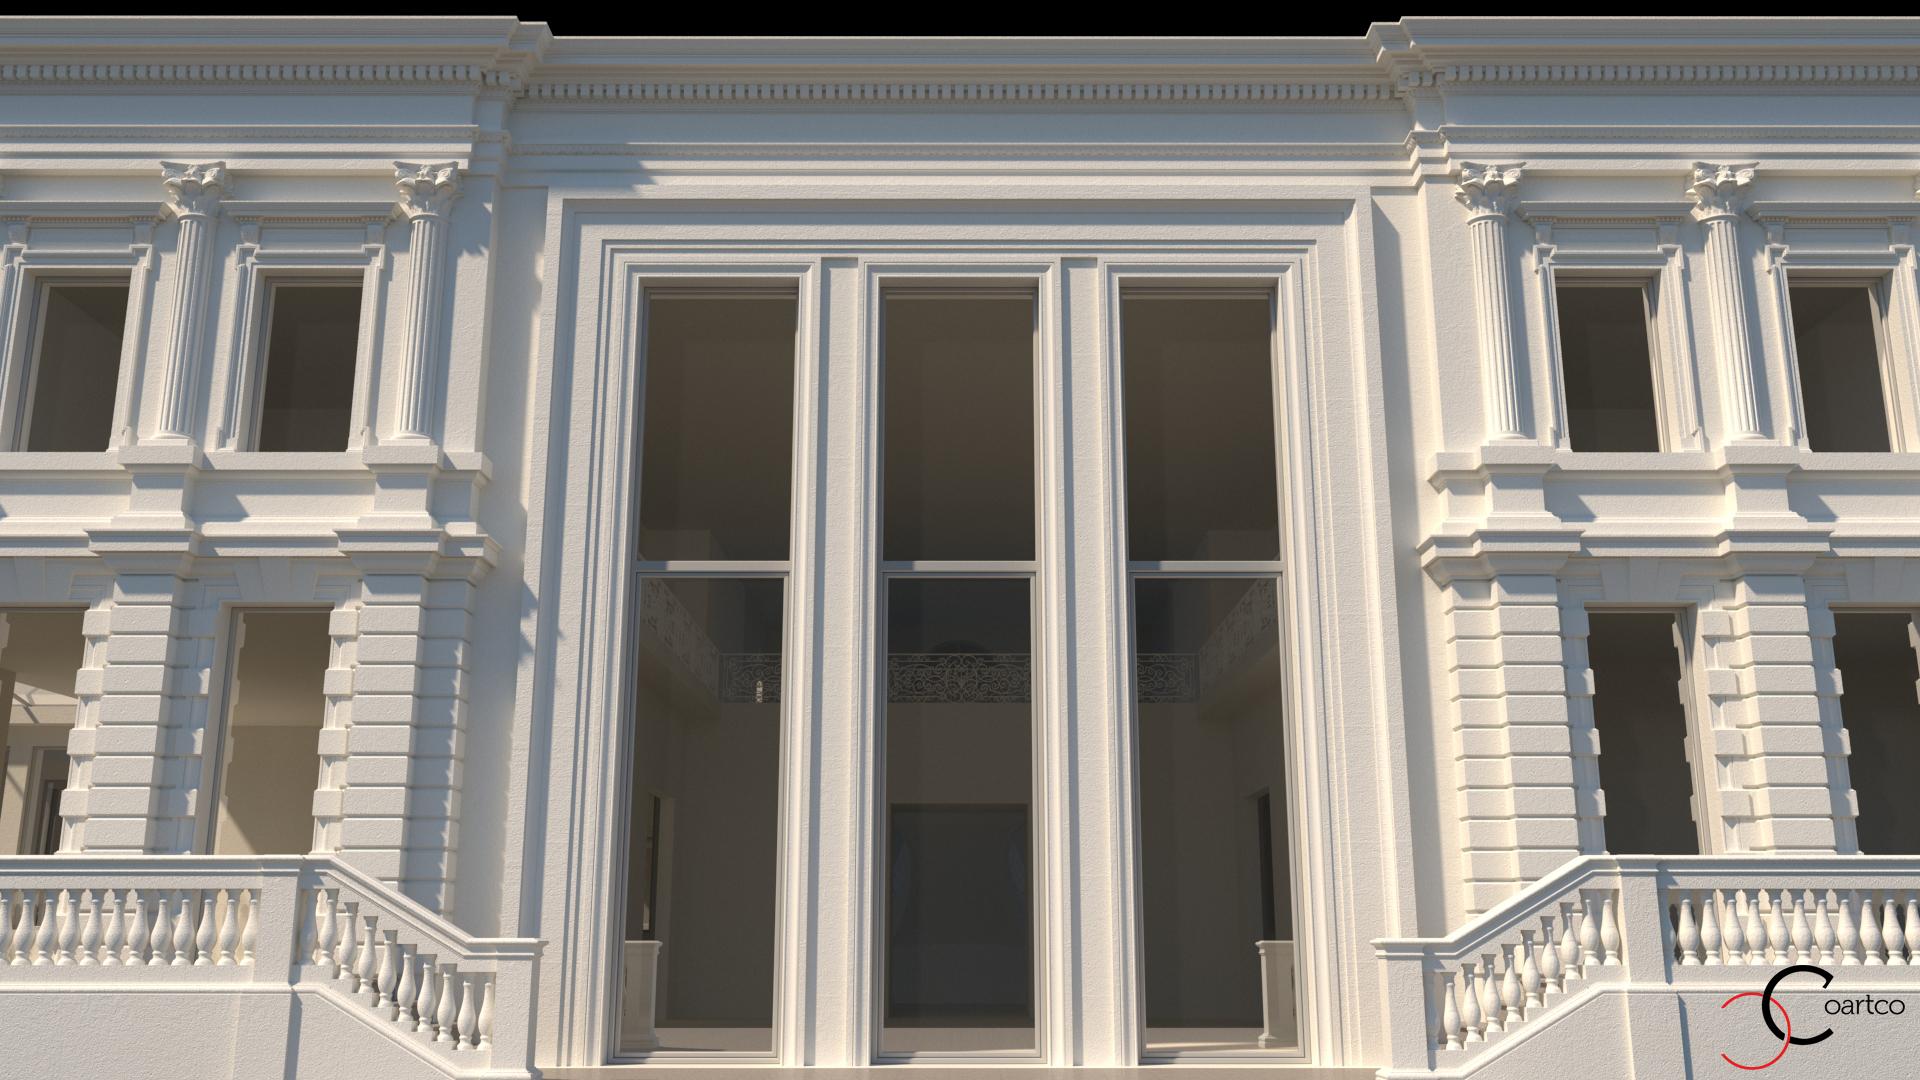 fatada-coloane-decorative-elemente-arhitecturale-proiect-design-fatada-pret